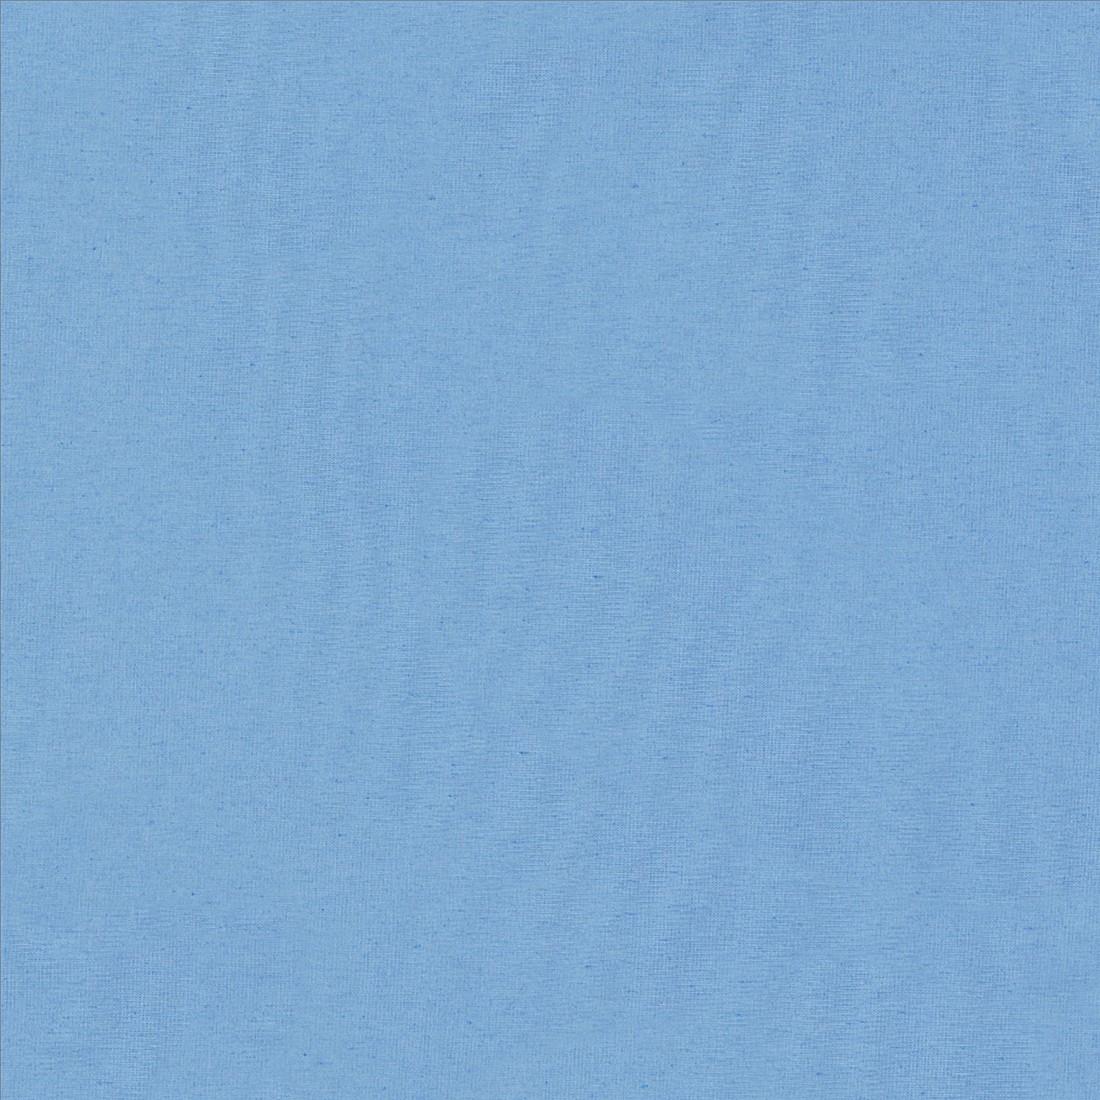 Tischdecke Country – Kornblume – 170 x 170 cm, Villeroy&Boch online bestellen